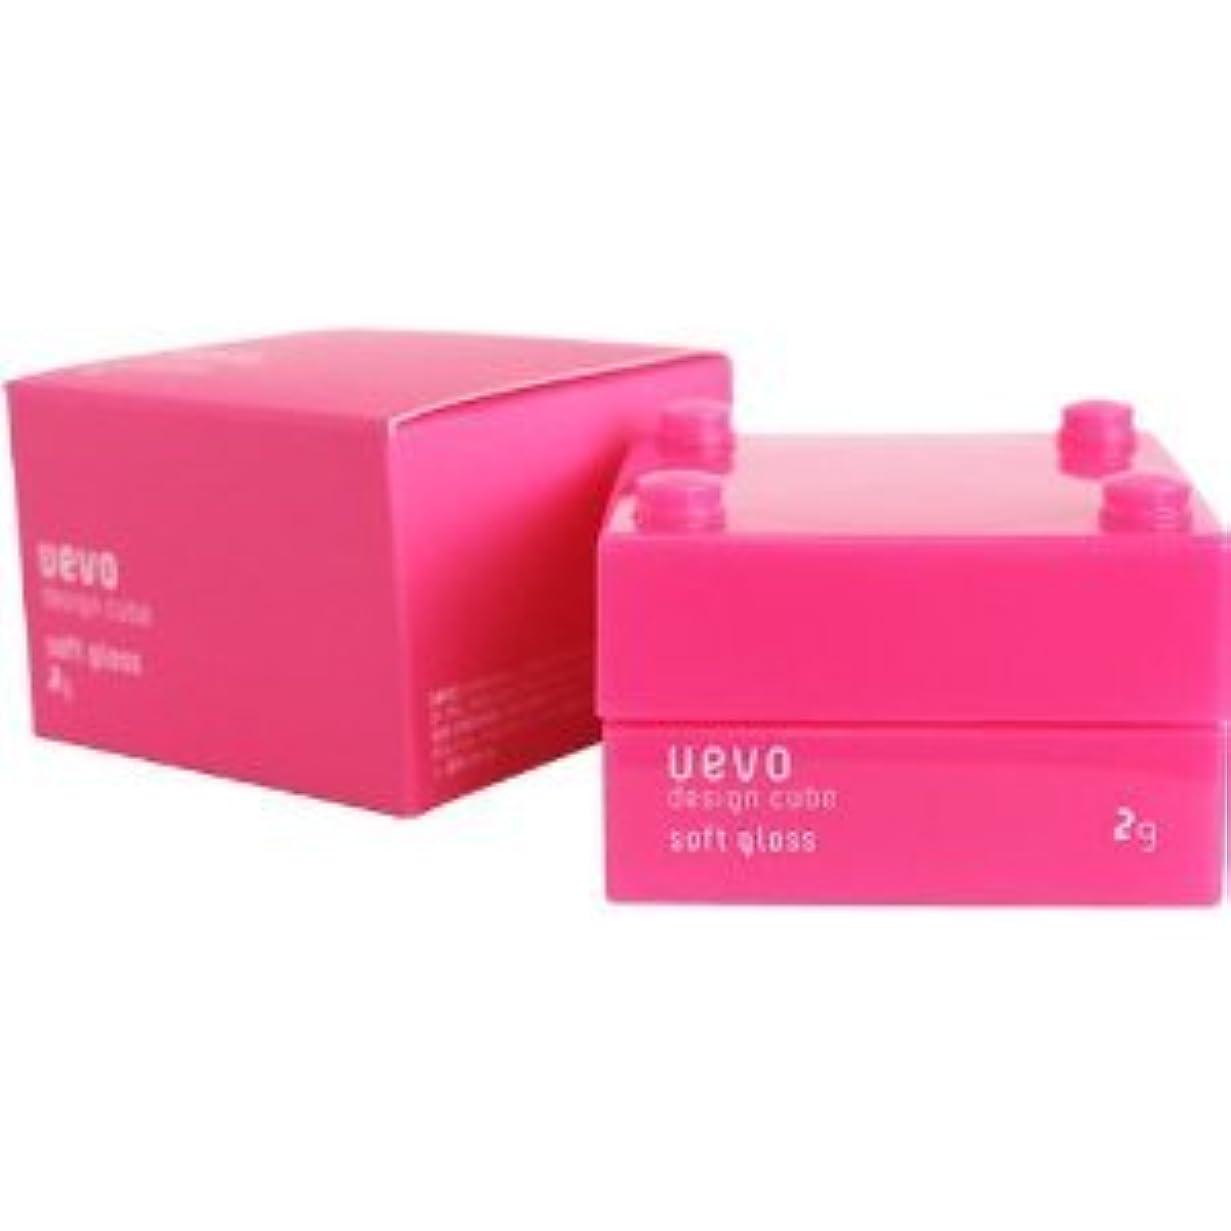 誘う胸影響する【X2個セット】 デミ ウェーボ デザインキューブ ソフトグロス 30g soft gloss DEMI uevo design cube